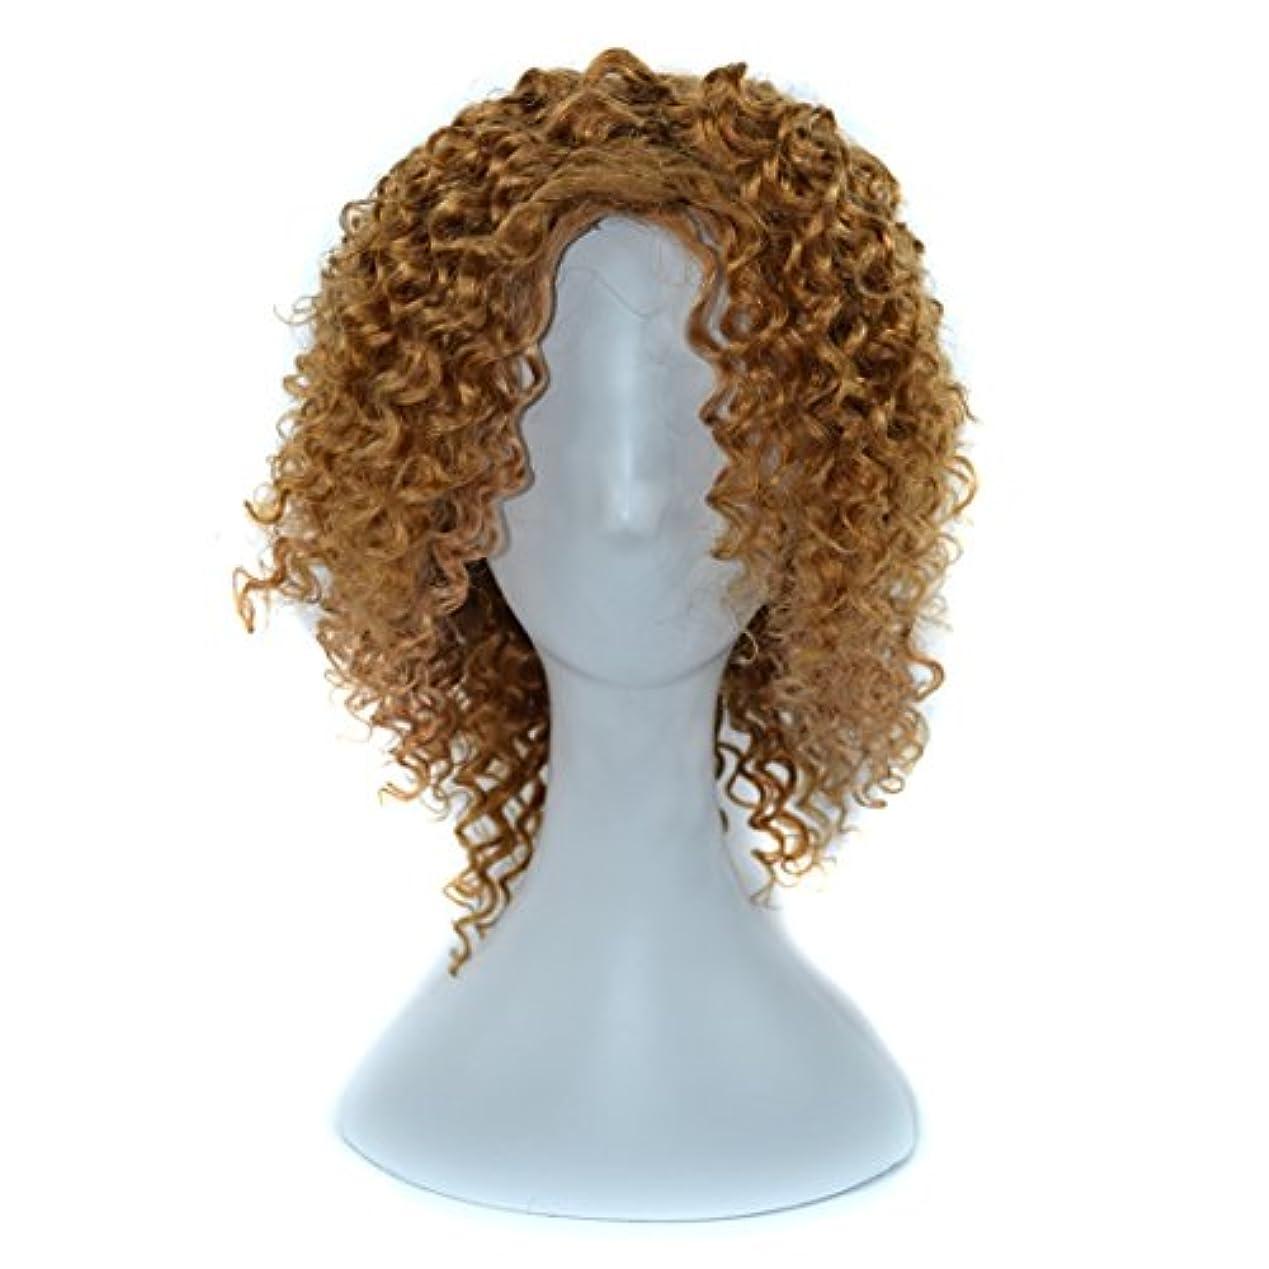 歯叫び声ゲインセイYOUQIU 傾斜前髪髪を持つ女性黒浮き、赤やライトブラウンディープカールウィッグはウィッグセットのウィッグを染めすることができないために14インチ本物の人間の髪の毛 (色 : 淡い茶色)